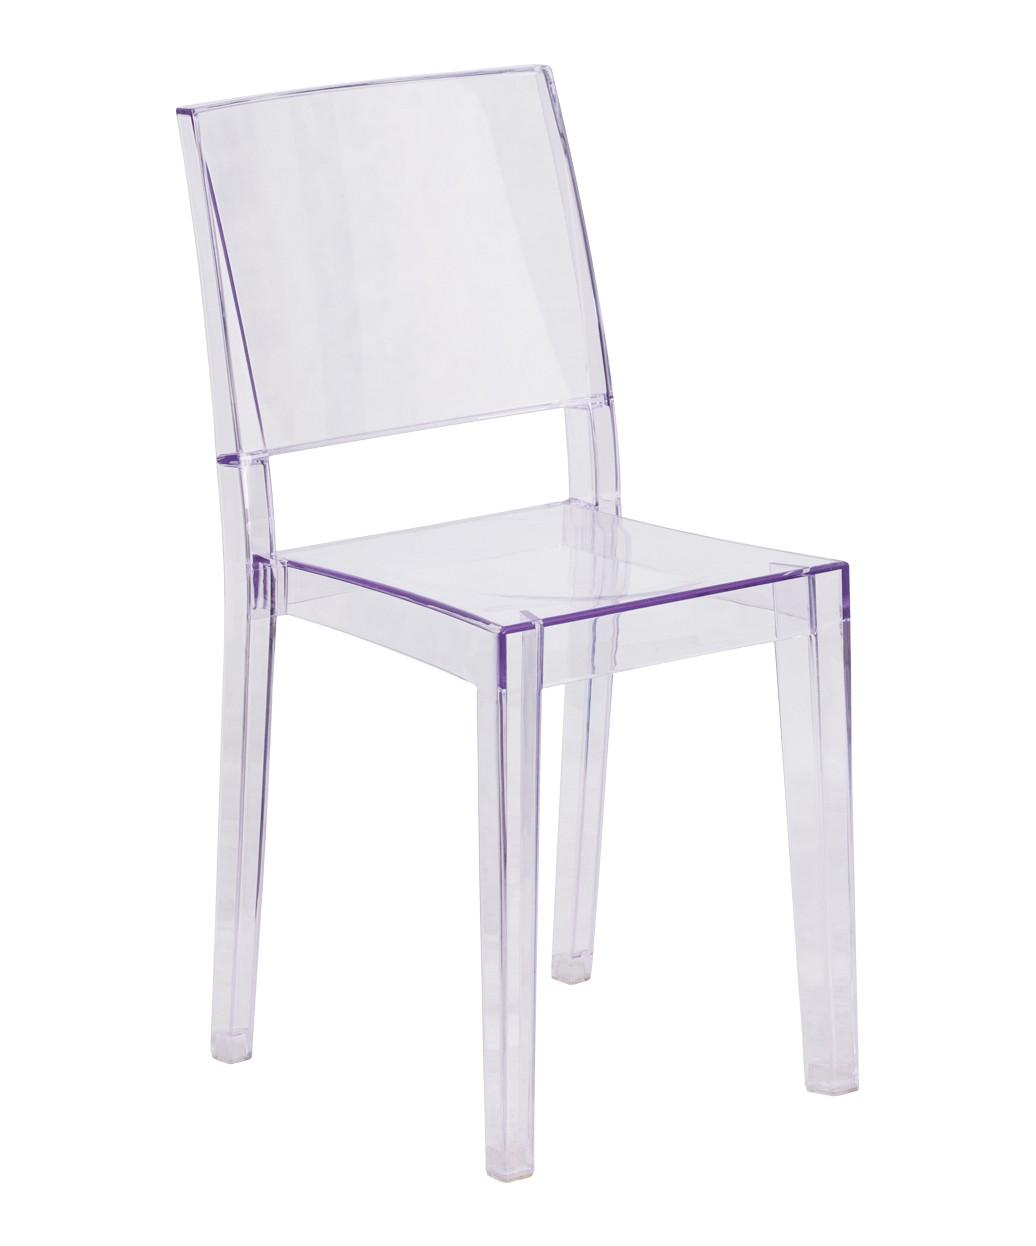 Phantom Transparent Reception Chair